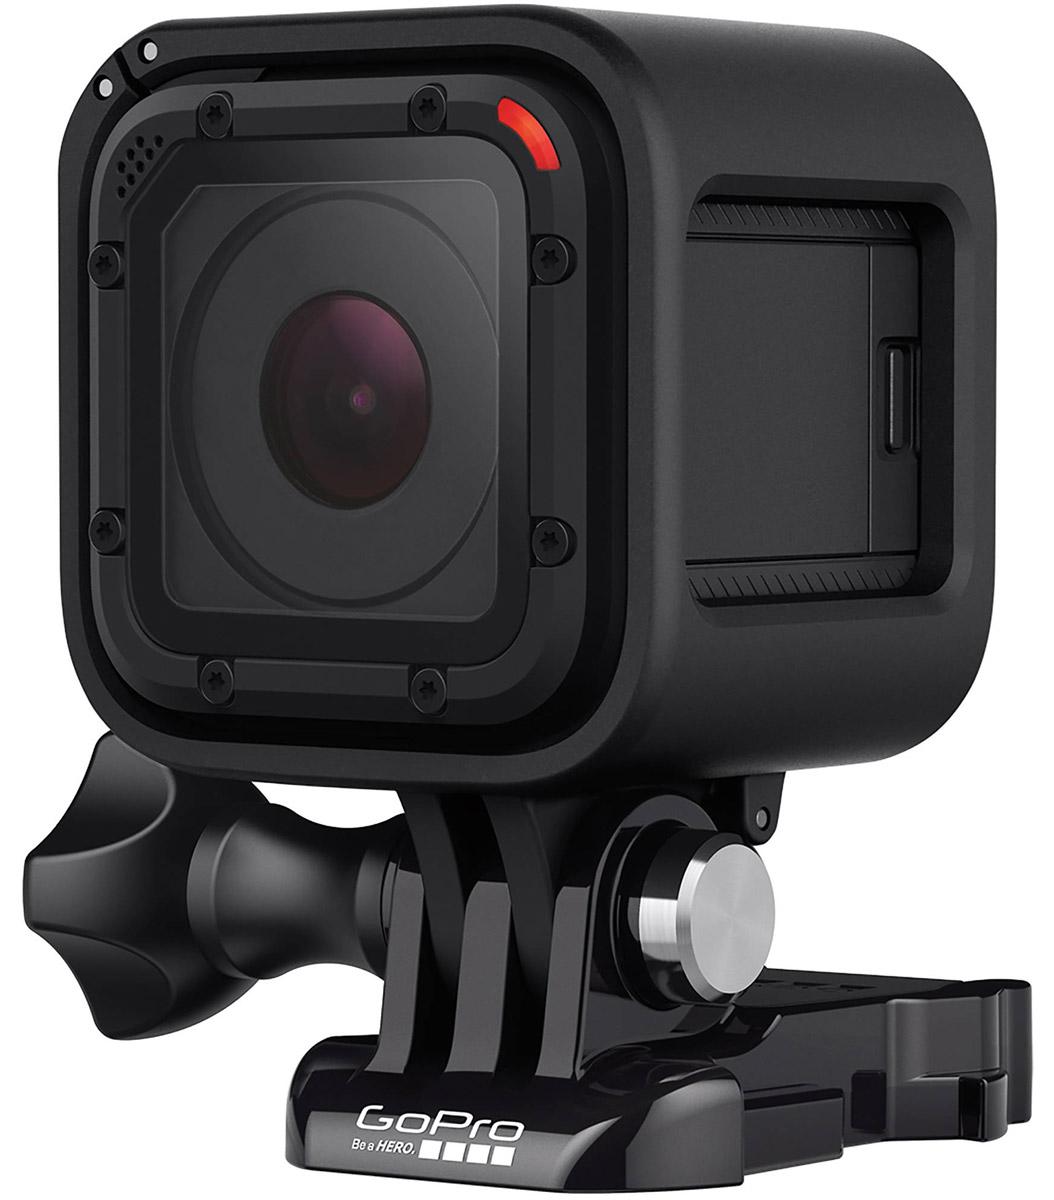 GoPro Hero Session, Black экшн-камераCHDHS-102GoPro Hero Session - самая маленькая и технически удобная экшн-камера для высококачественной видео и фотосъемки. Session не требует защитного бокса, так как сама по себе является водонепроницаемой и ударостойкой. Камера оснащена встроенным Wi-Fi и её легко можно подключить к пульту Wi-Fi Remote, а так же к смартфону, и управлять камерой дистанционно.Простое управление одной кнопкойОднократное нажатие кнопки включает камеру и начинает автоматически запись видео, серийной и покадровой фотосъемки.Модель не боится воды и рекомендована к использованию до 10 метров. GoPro Hero Session – это первая камера GoPro, которая не нуждается в отдельном водостойком боксе.Благодаря своим миниатюрным размерам, GoPro Hero Session совместима со всеми креплениями GoPro, даже с самыми компактными.Камера увеличивает время работы батареи даже в том случае, если камера находится в режиме записи. Когда вы останавливаете запись, камера выключается. Положитесь на GoPro Hero Session и без проблем планируйте фото- и видеосъемку на целый день. Получите два часа беспрерывной съемки при полной зарядке!Высокое разрешение 1440p30, 1080p60, и 720p100 обеспечивает четкое видео на профессиональном уровне. Запись с частотой от 60 до 100 к/сек для плавного воспроизведения.Выберите лучший кадр, используя различные режимы. Качество в 8 Mпикс для одиночных фотографий, установка режима Time Lapse с интервалом от 0,5 до 60 секунд, а также слайдер-съемка со скоростью 10 кадров в секунду.Один микрофон камеры встроен на передней панели, второй - на задней. Они созданы для того, чтобы автоматически распознавать и удалять посторонние звуки и шум ветра.Создавайте потрясающие видео-шедевры в самом захватывающем широкоугольном поле зрения с эксклюзивным GoPro-режимом SuperView.Пусть камера думает за вас. Автоматический режим Low Light разумно меняет частоту кадров на основе условий освещения, что позволяет перемещаться между яркими и темными сферами без необходимости настр